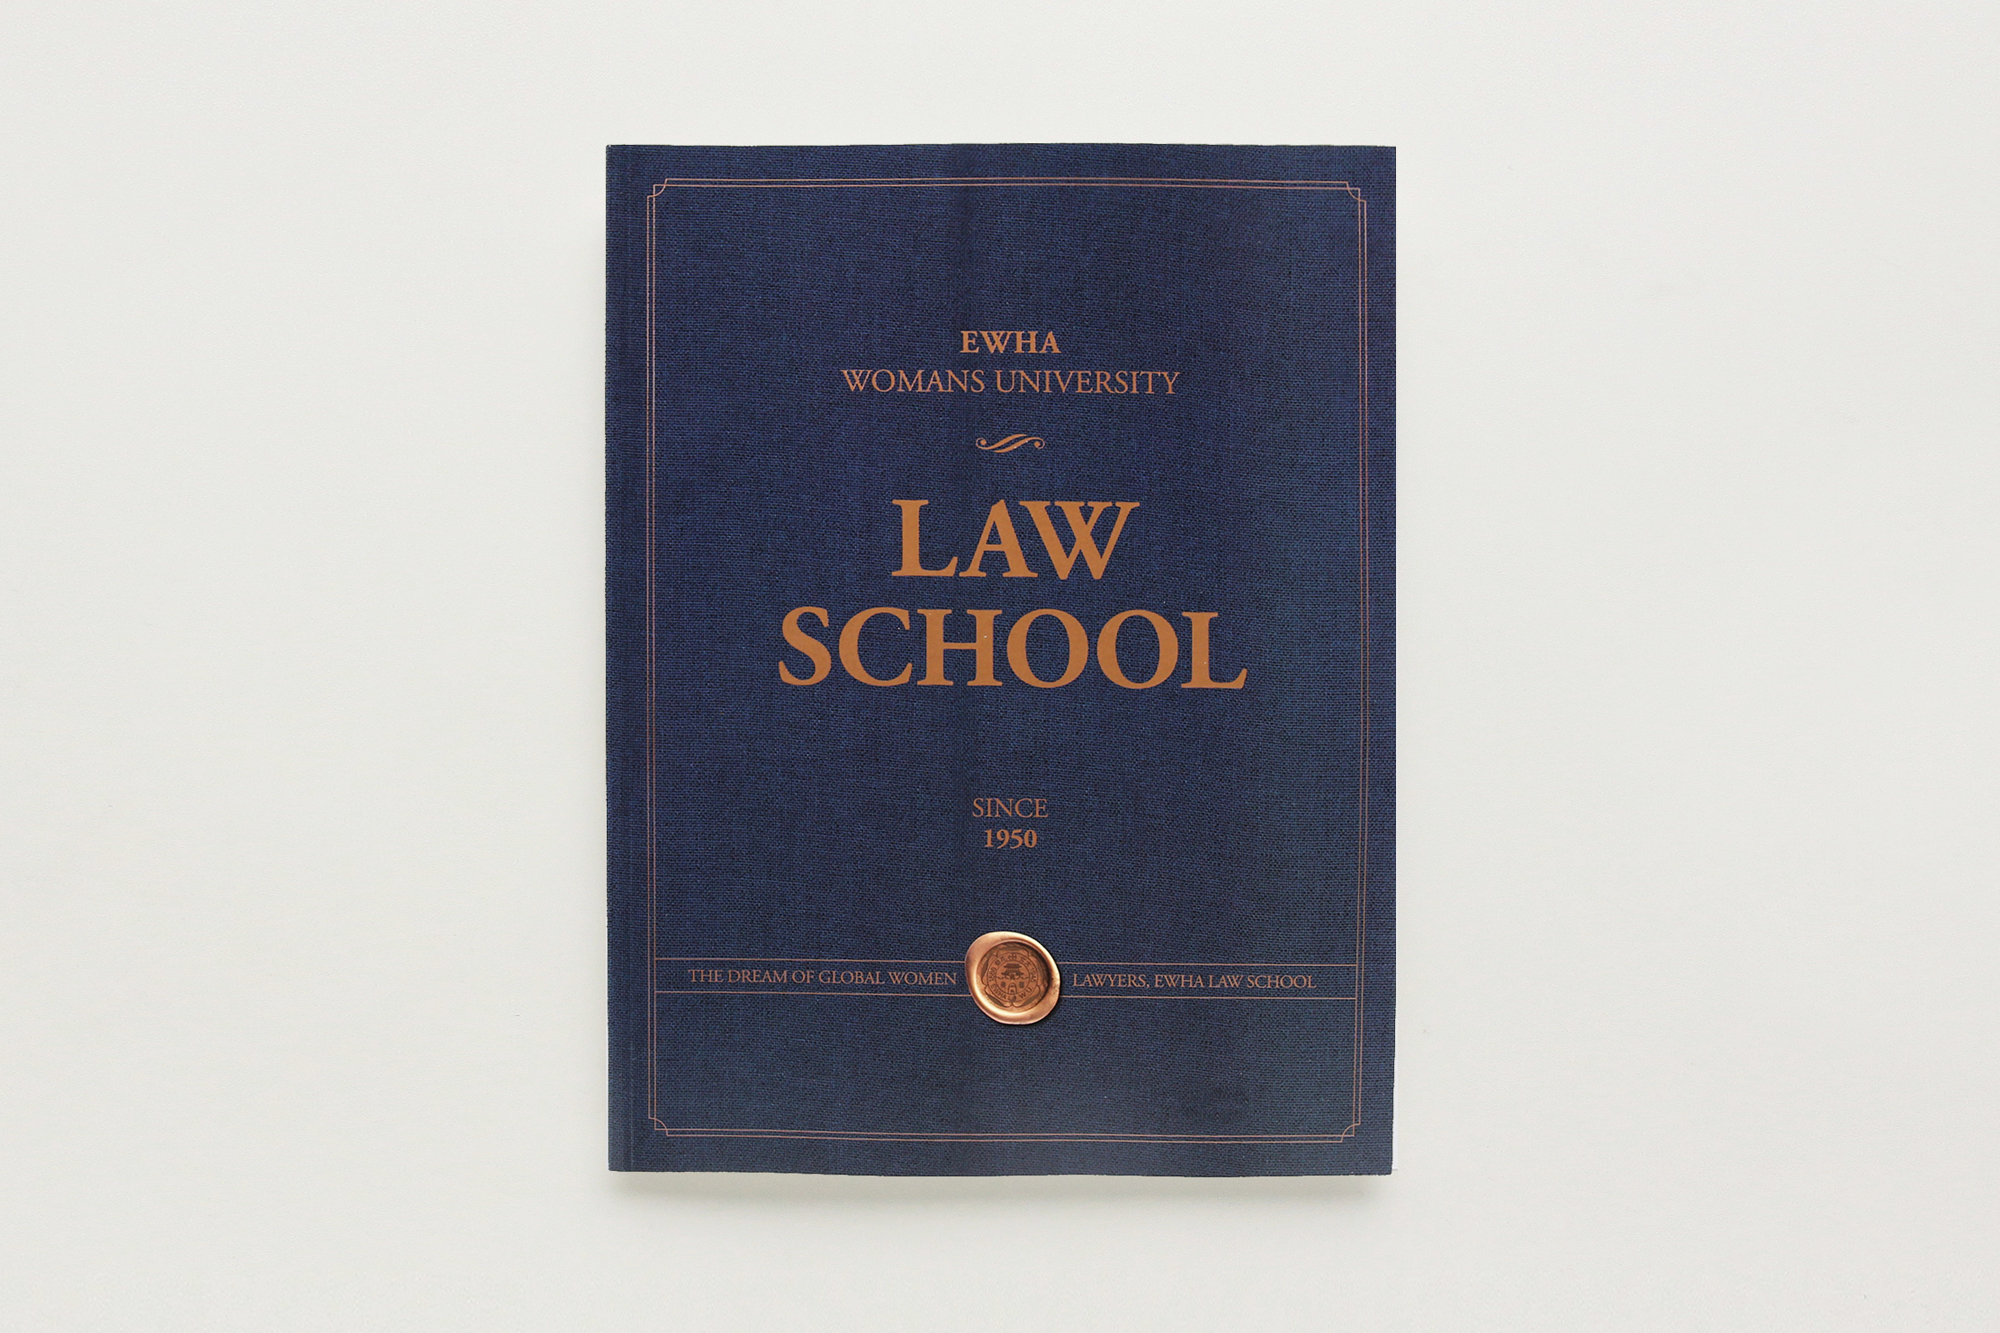 2014-이대법대로우스쿨 (1)